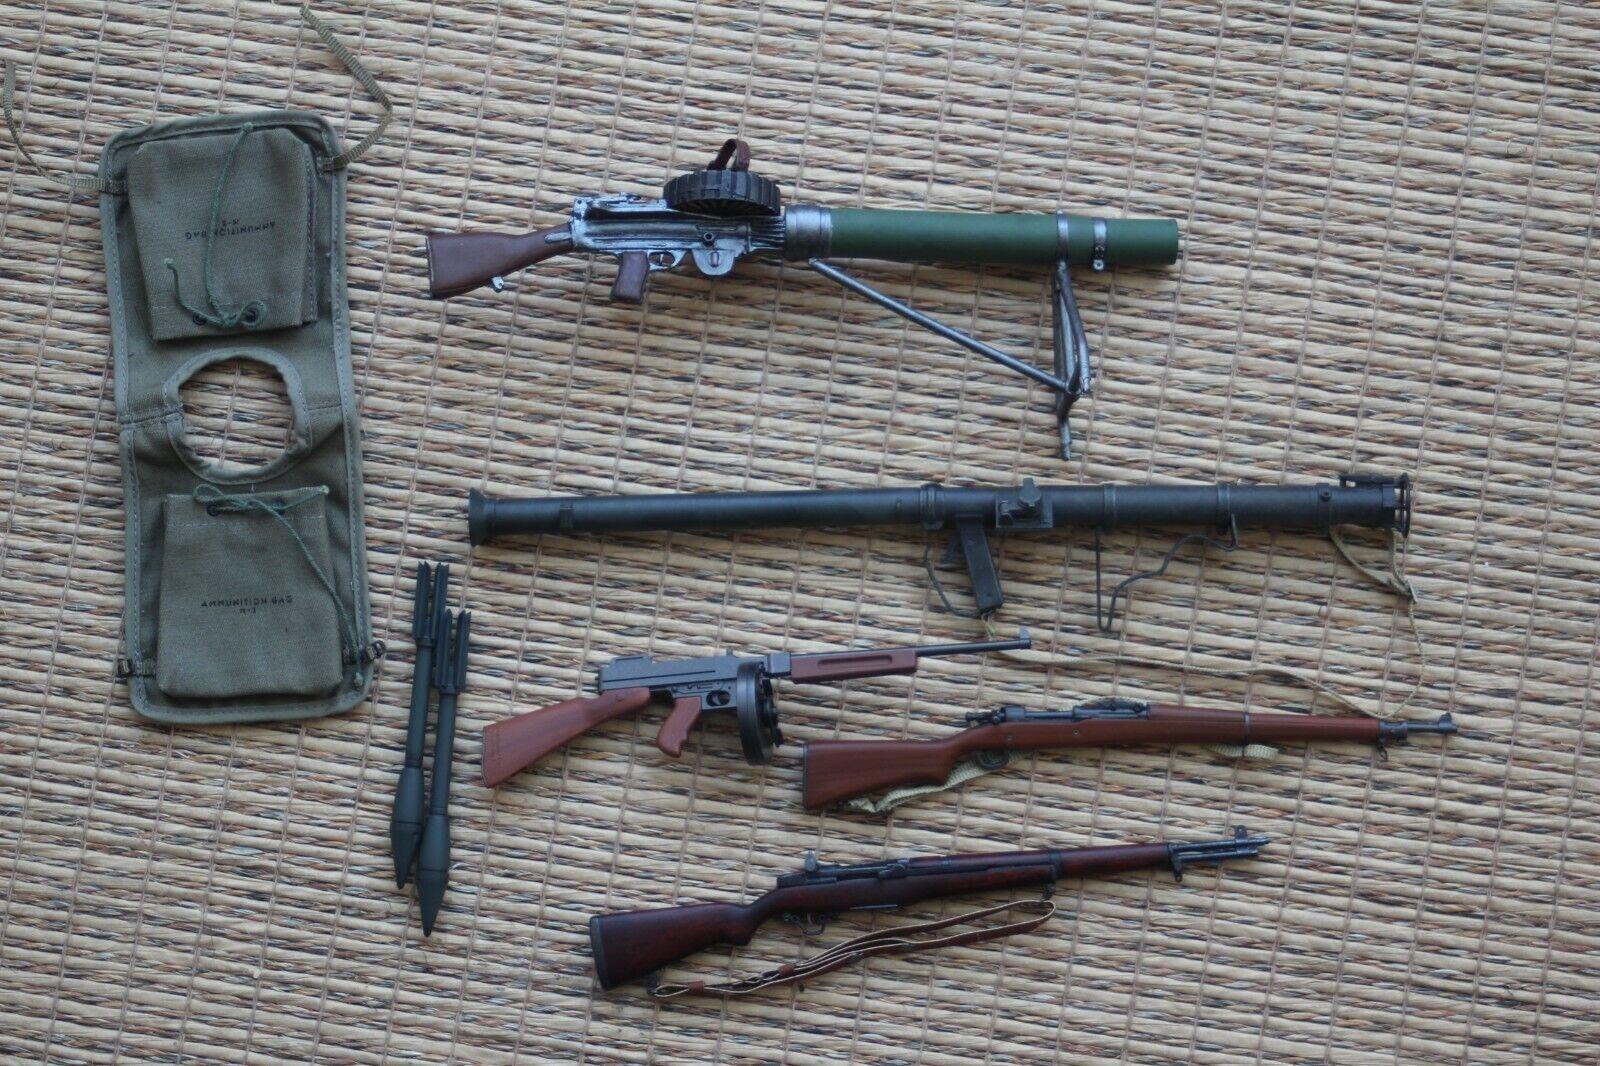 1 6 Lote armas USA WWII bazoka,  subfusil thompson rifle gare sprinfield  miglior prezzo migliore